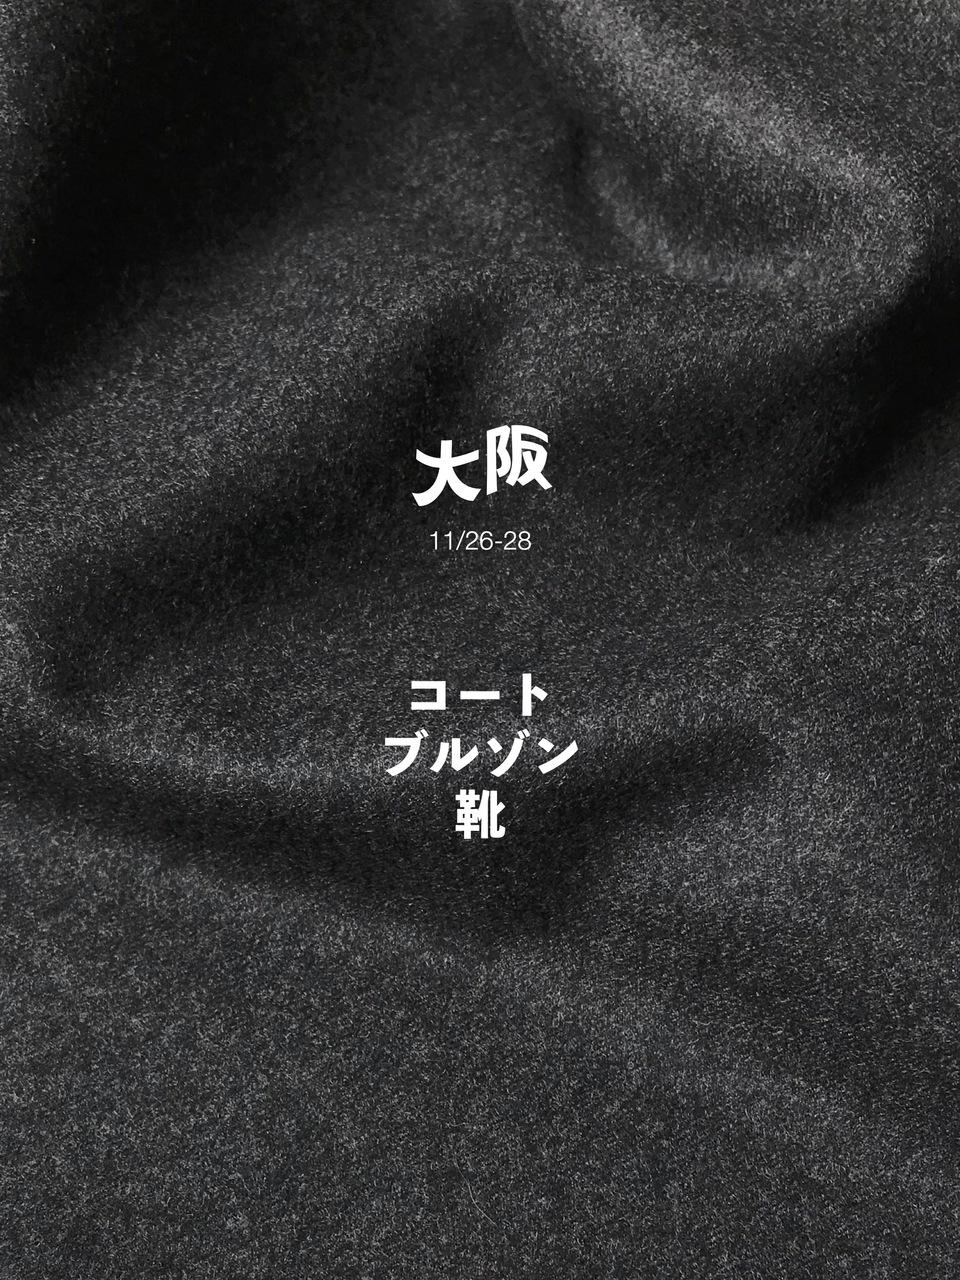 大阪 【コート、ブルゾン、靴】